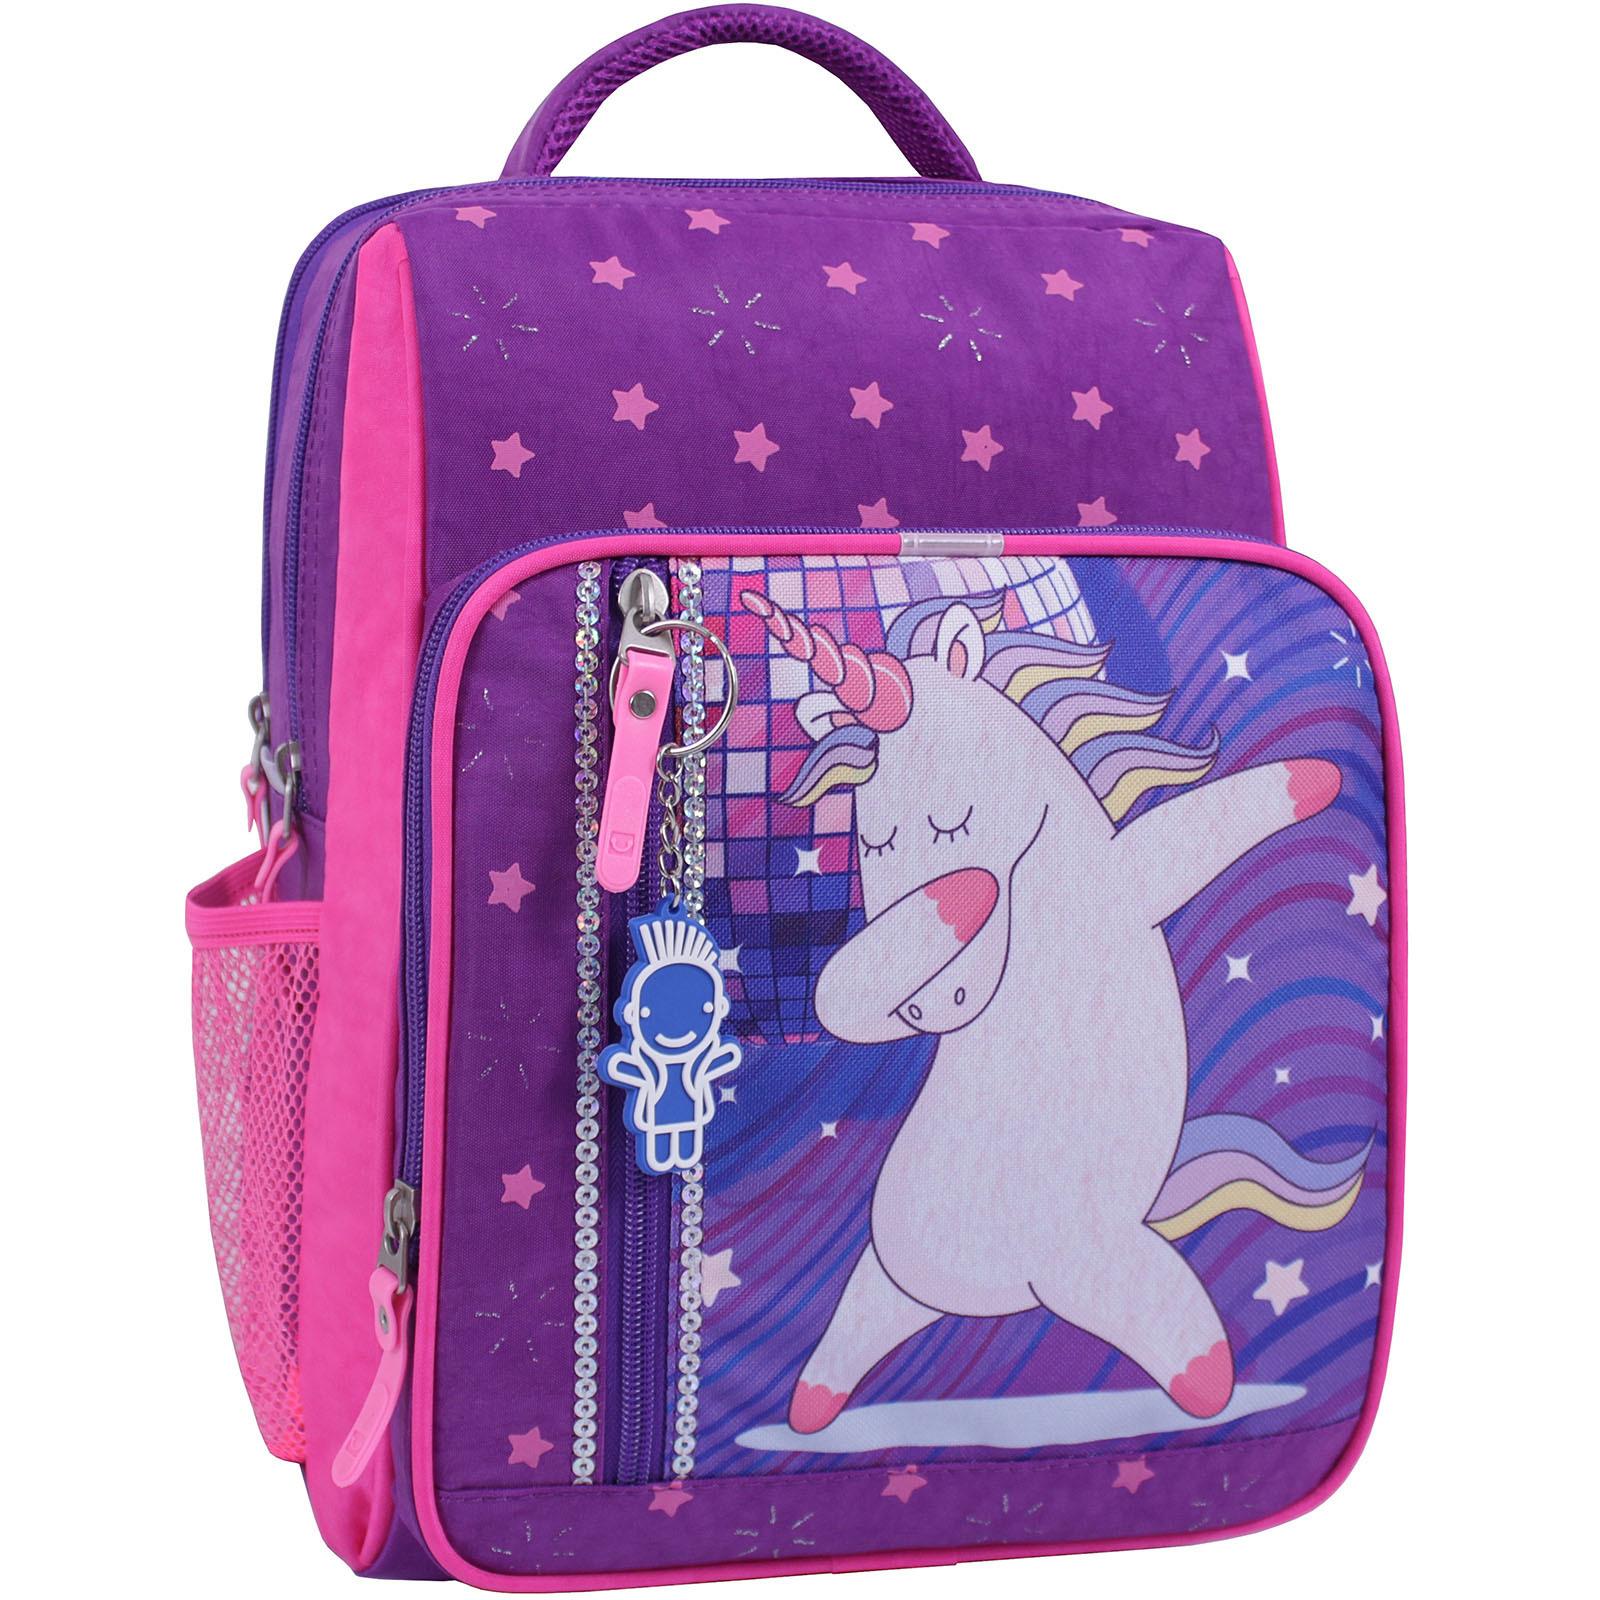 Детские рюкзаки Рюкзак школьный Bagland Школьник 8 л. фиолетовый 503 (0012870) IMG_1075_суб.503_.JPG